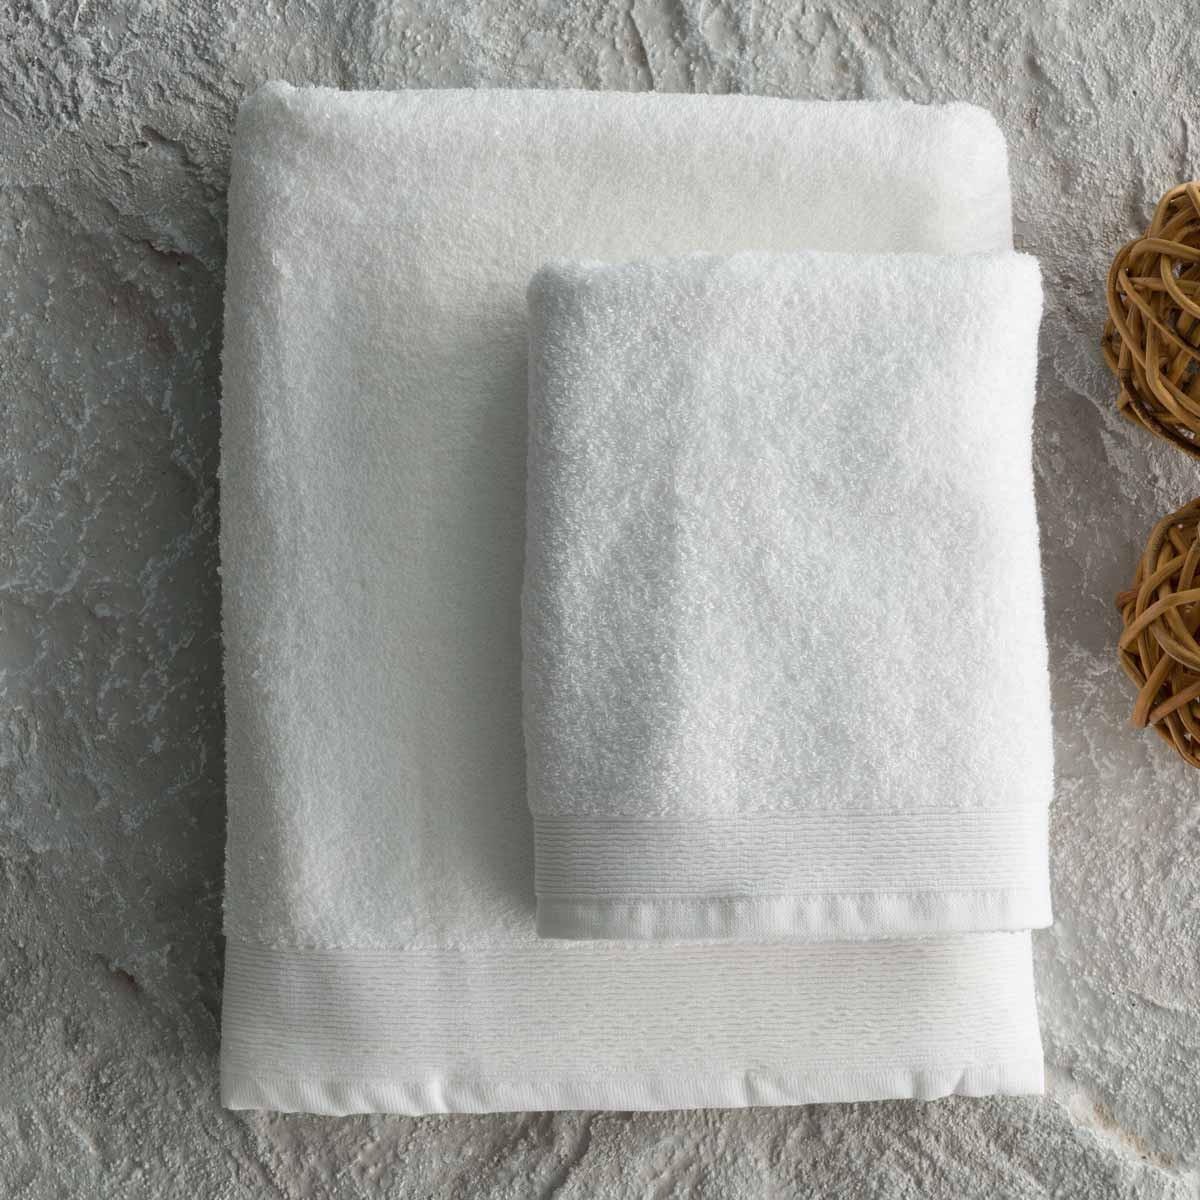 Πετσέτες Μπάνιου (Σετ 2τμχ) Vesta 600GR